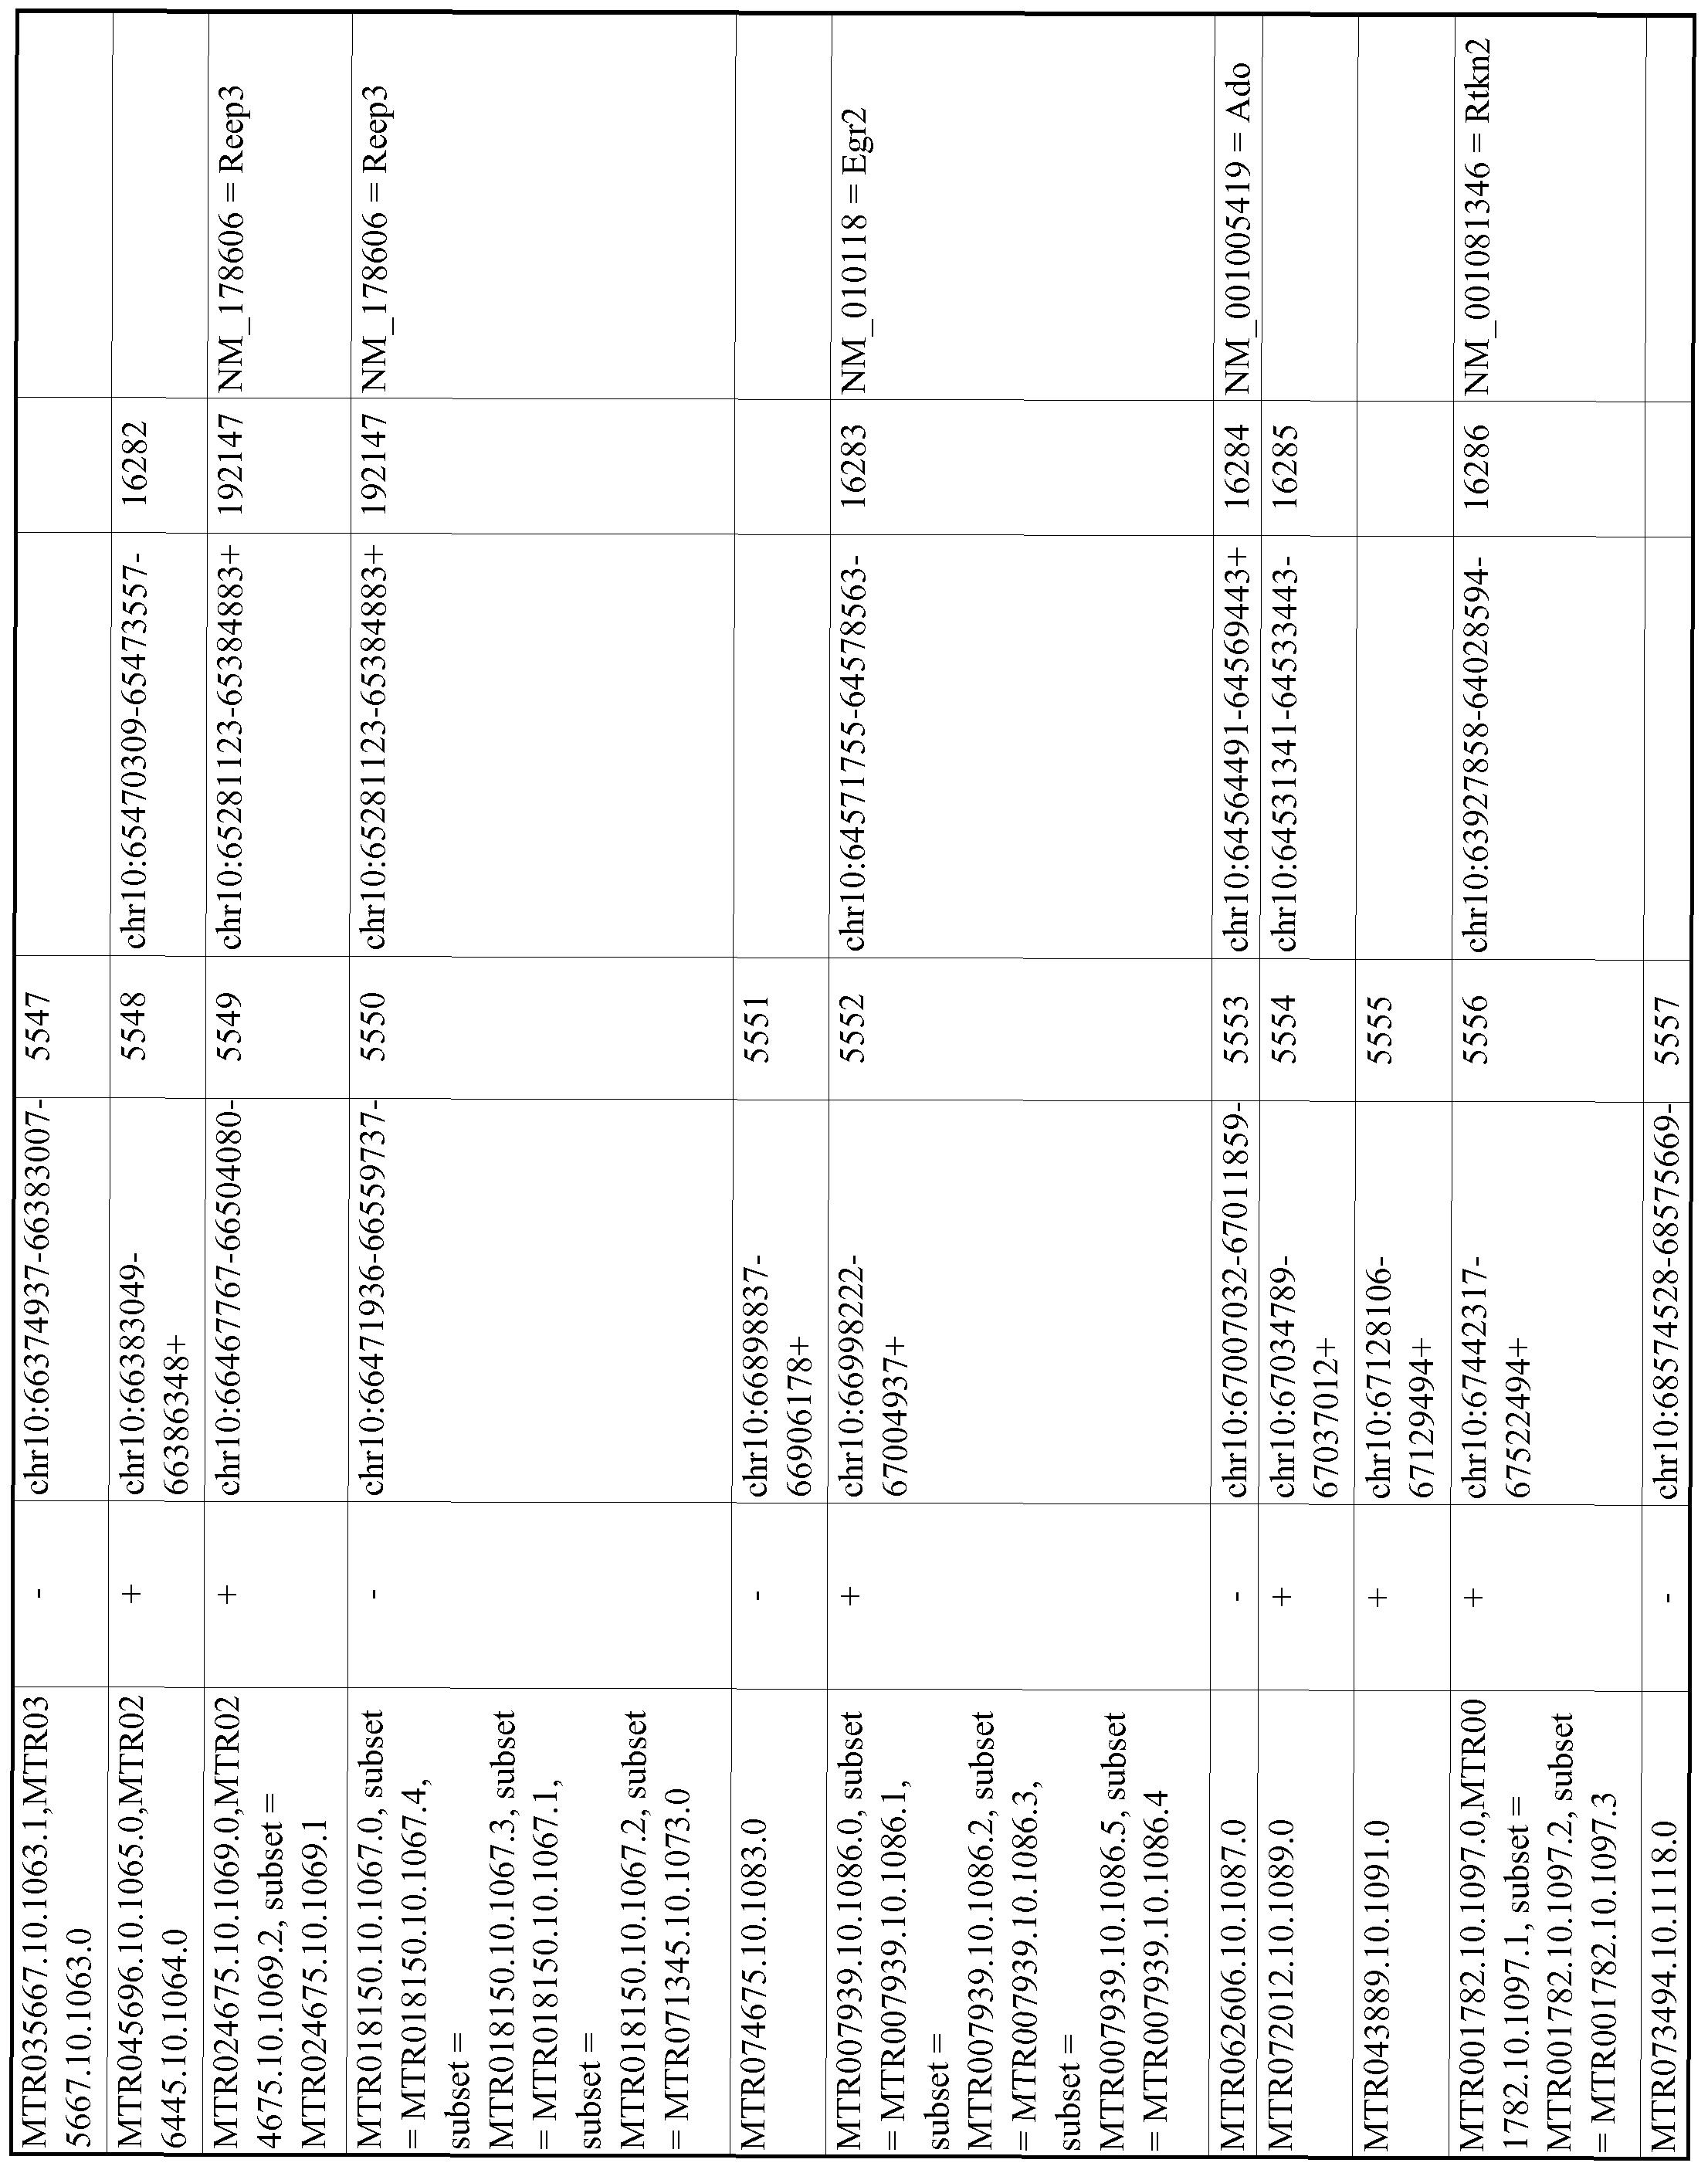 Figure imgf000996_0001